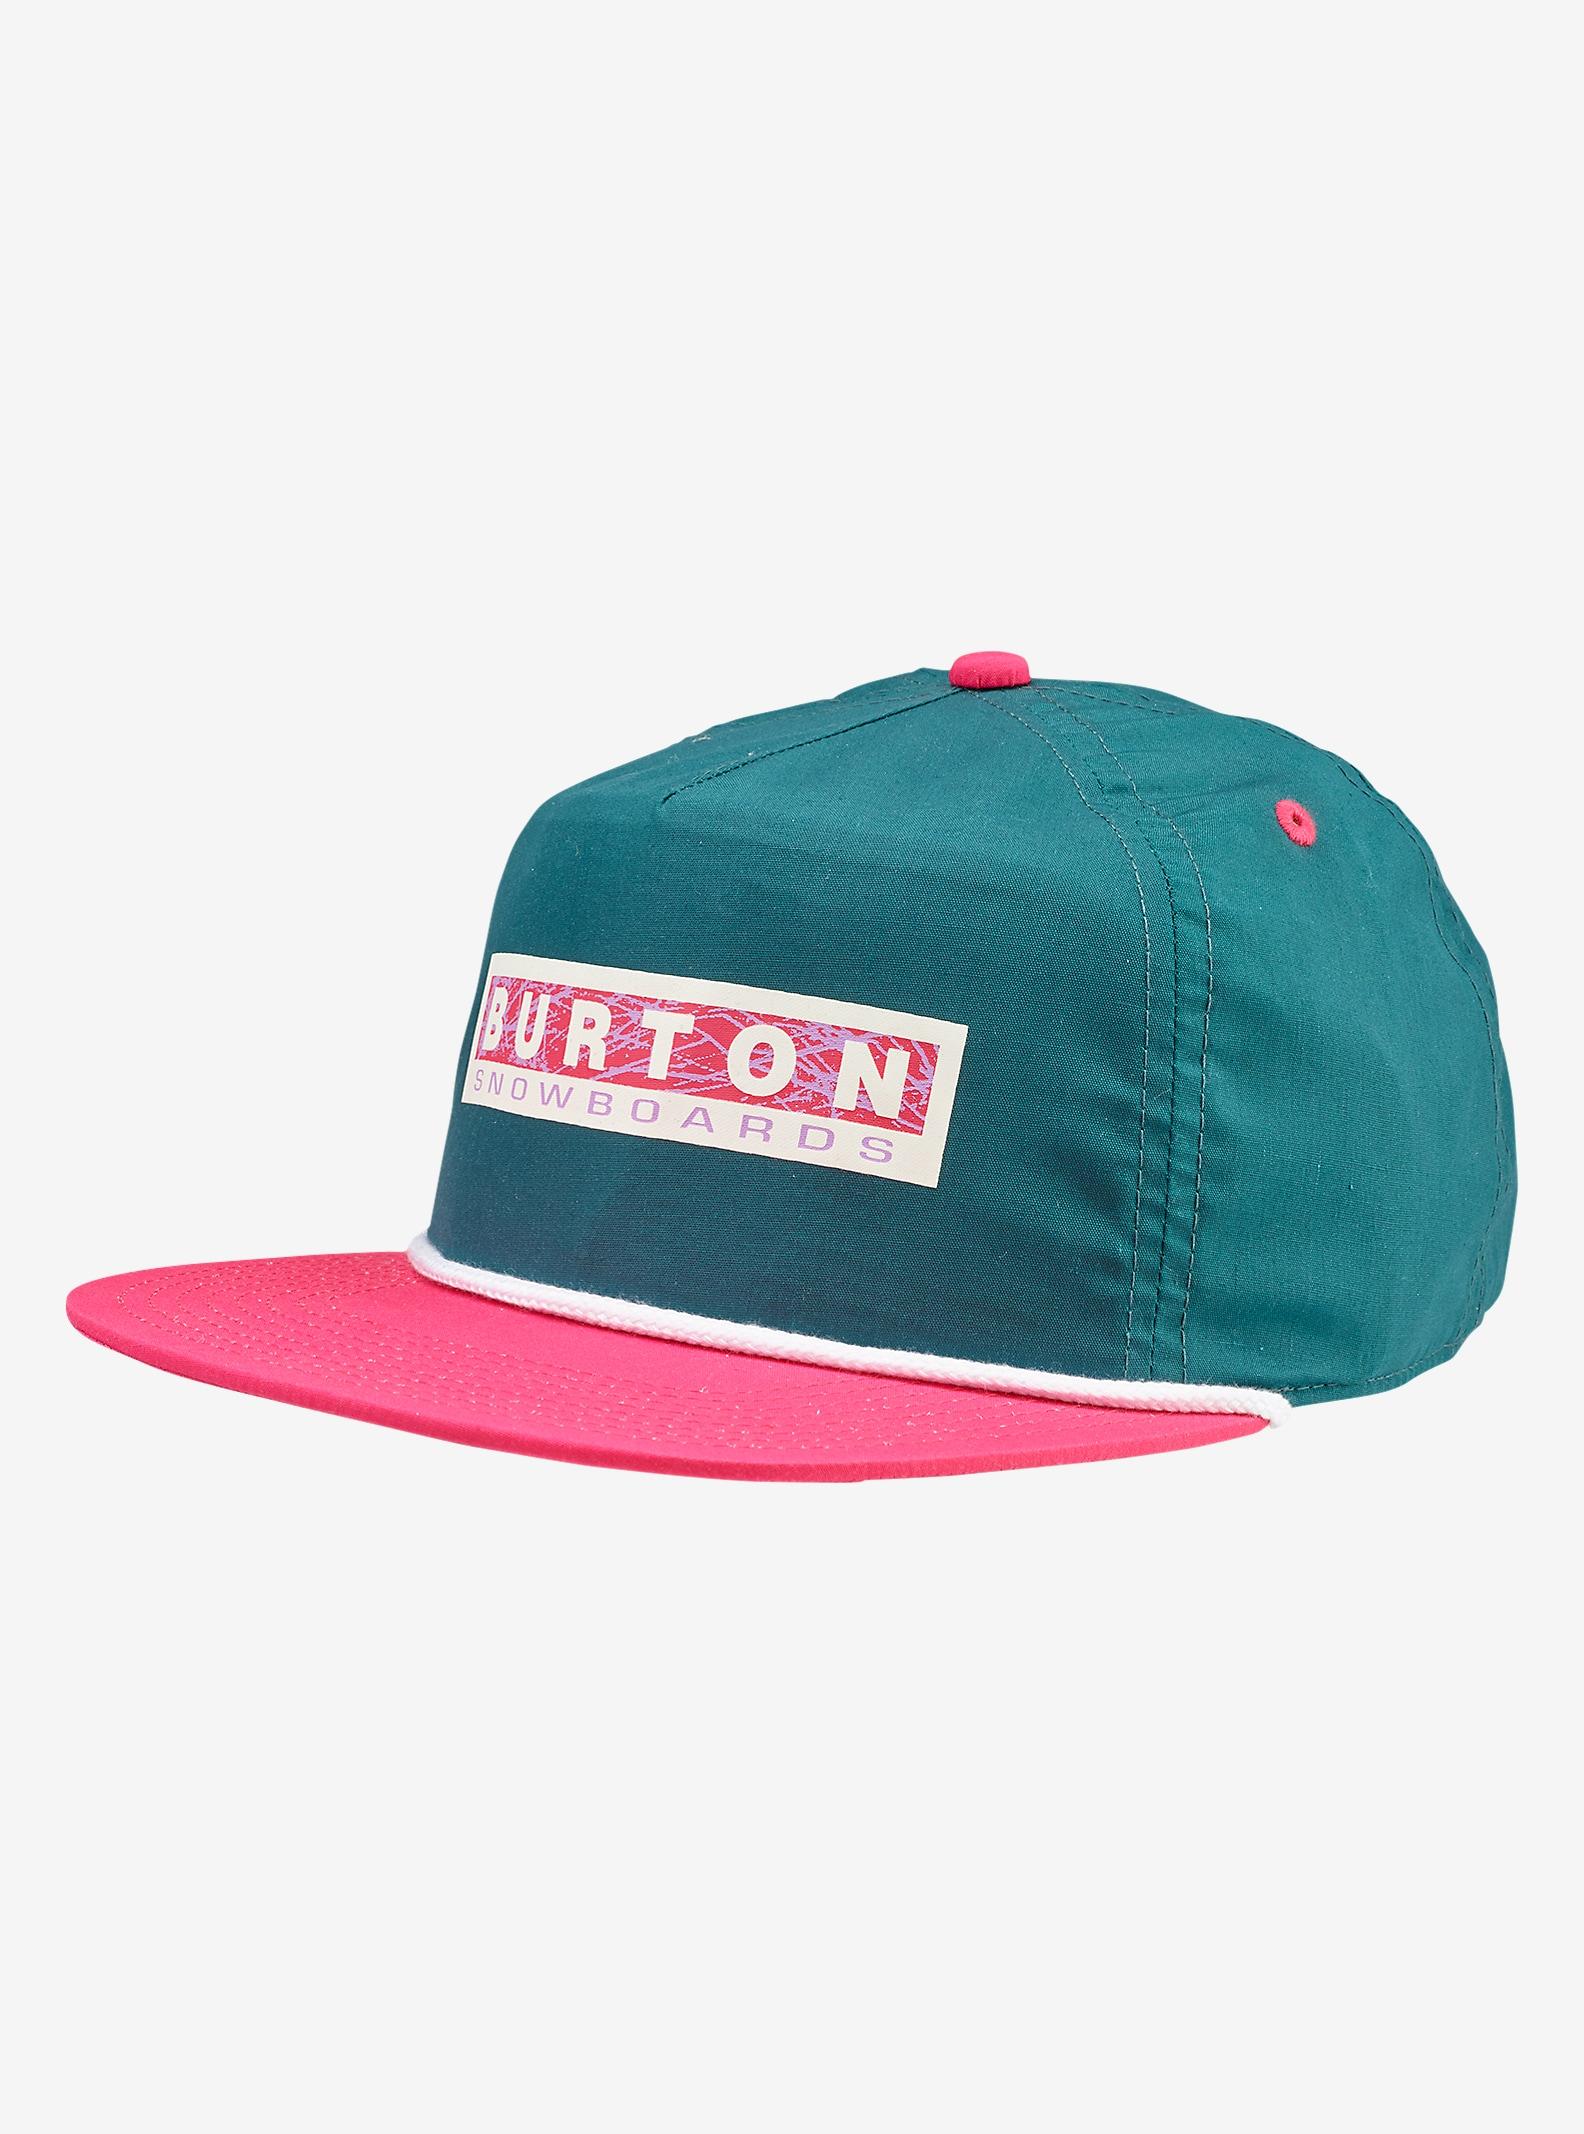 Burton Mildly High Hat shown in Larkspur